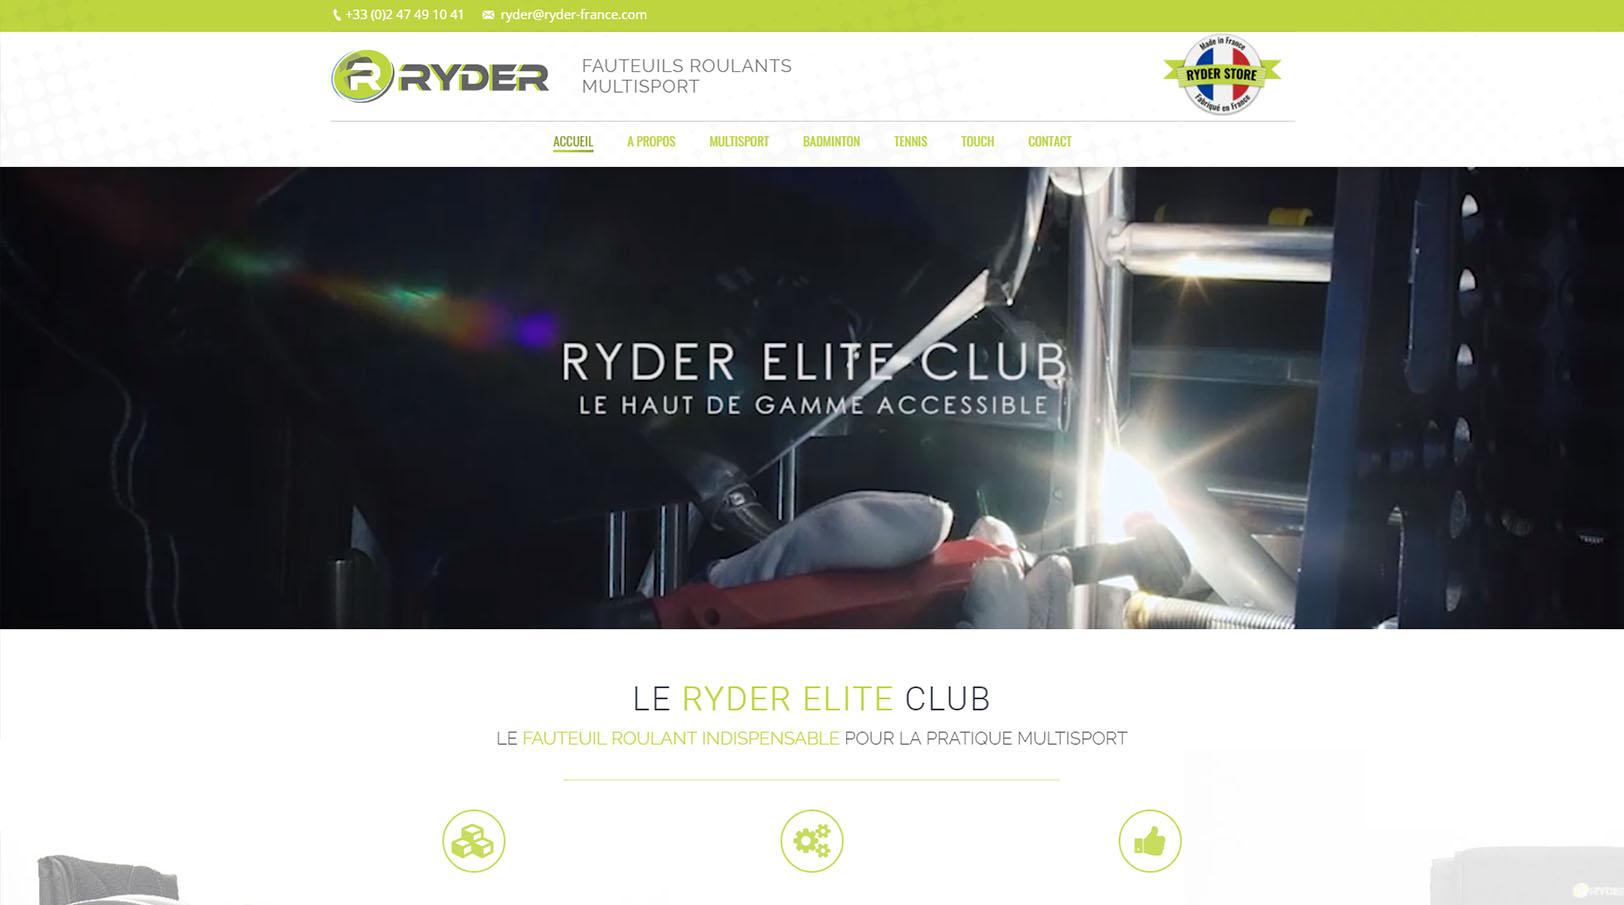 RYDER FRANCE